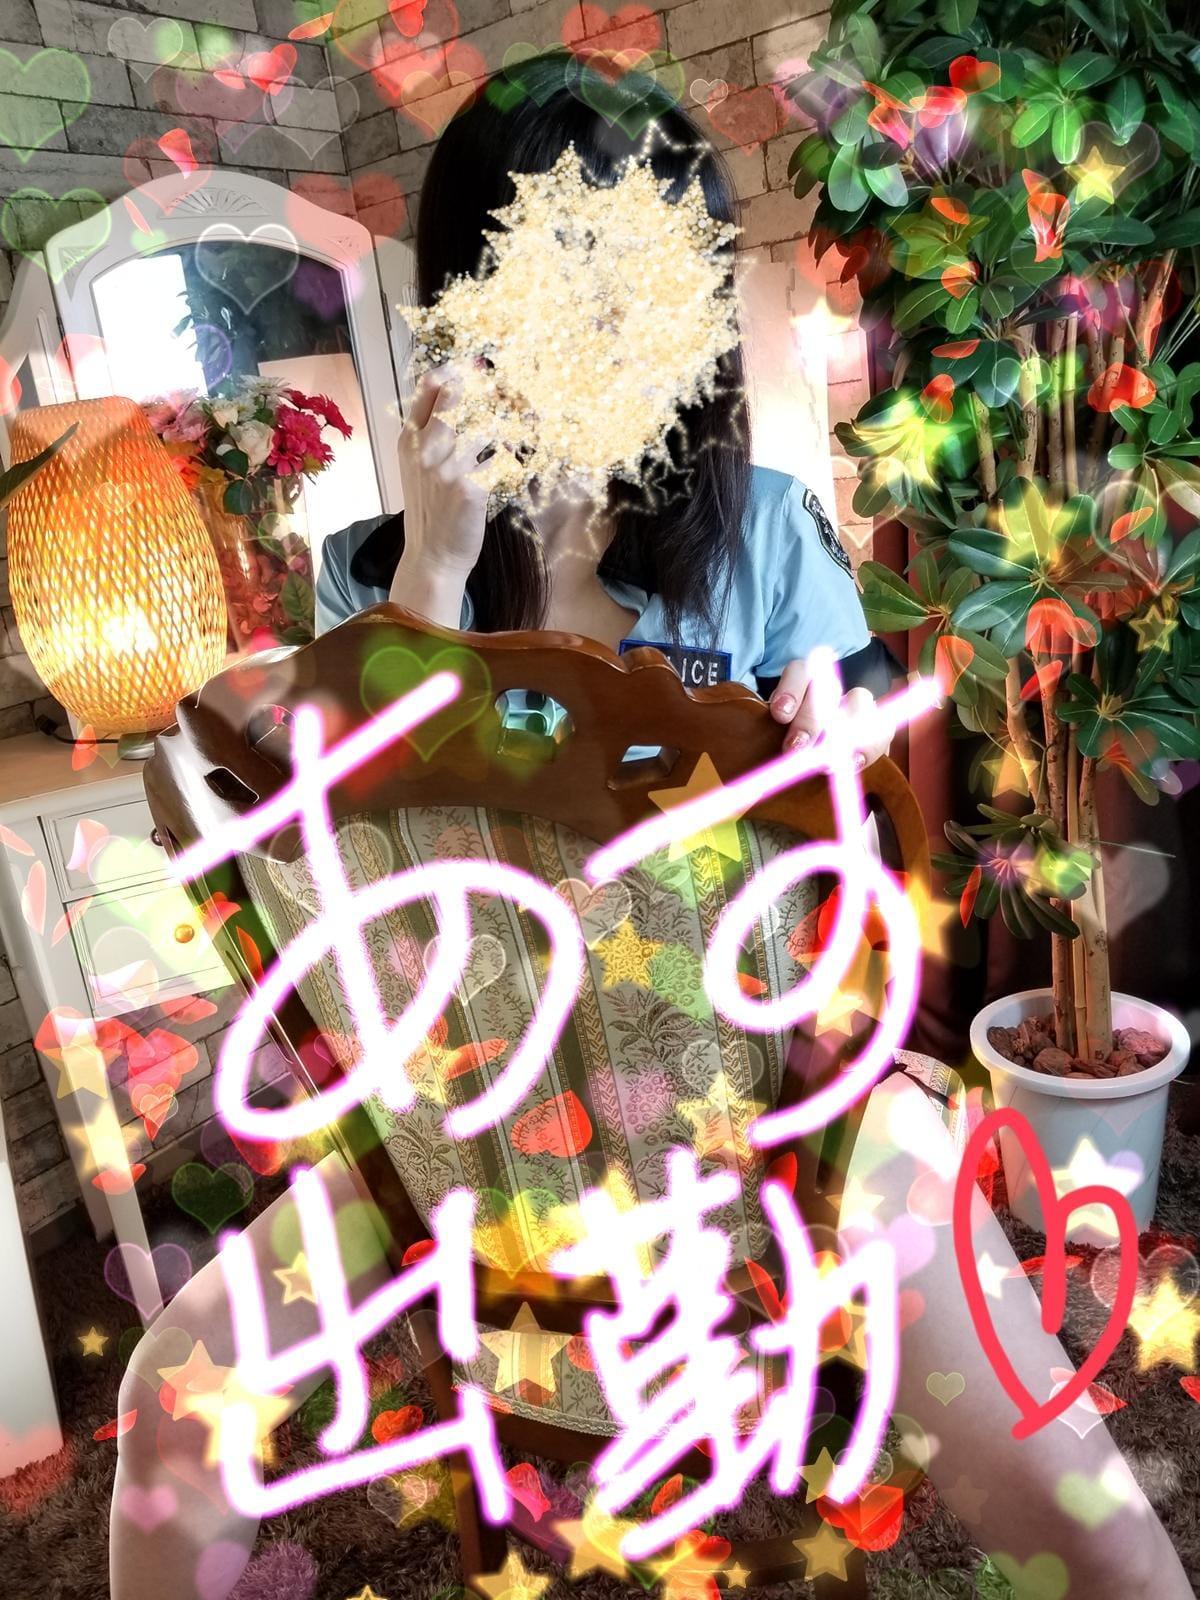 「♪あす出勤♪」07/19(木) 14:24 | 池波の写メ・風俗動画